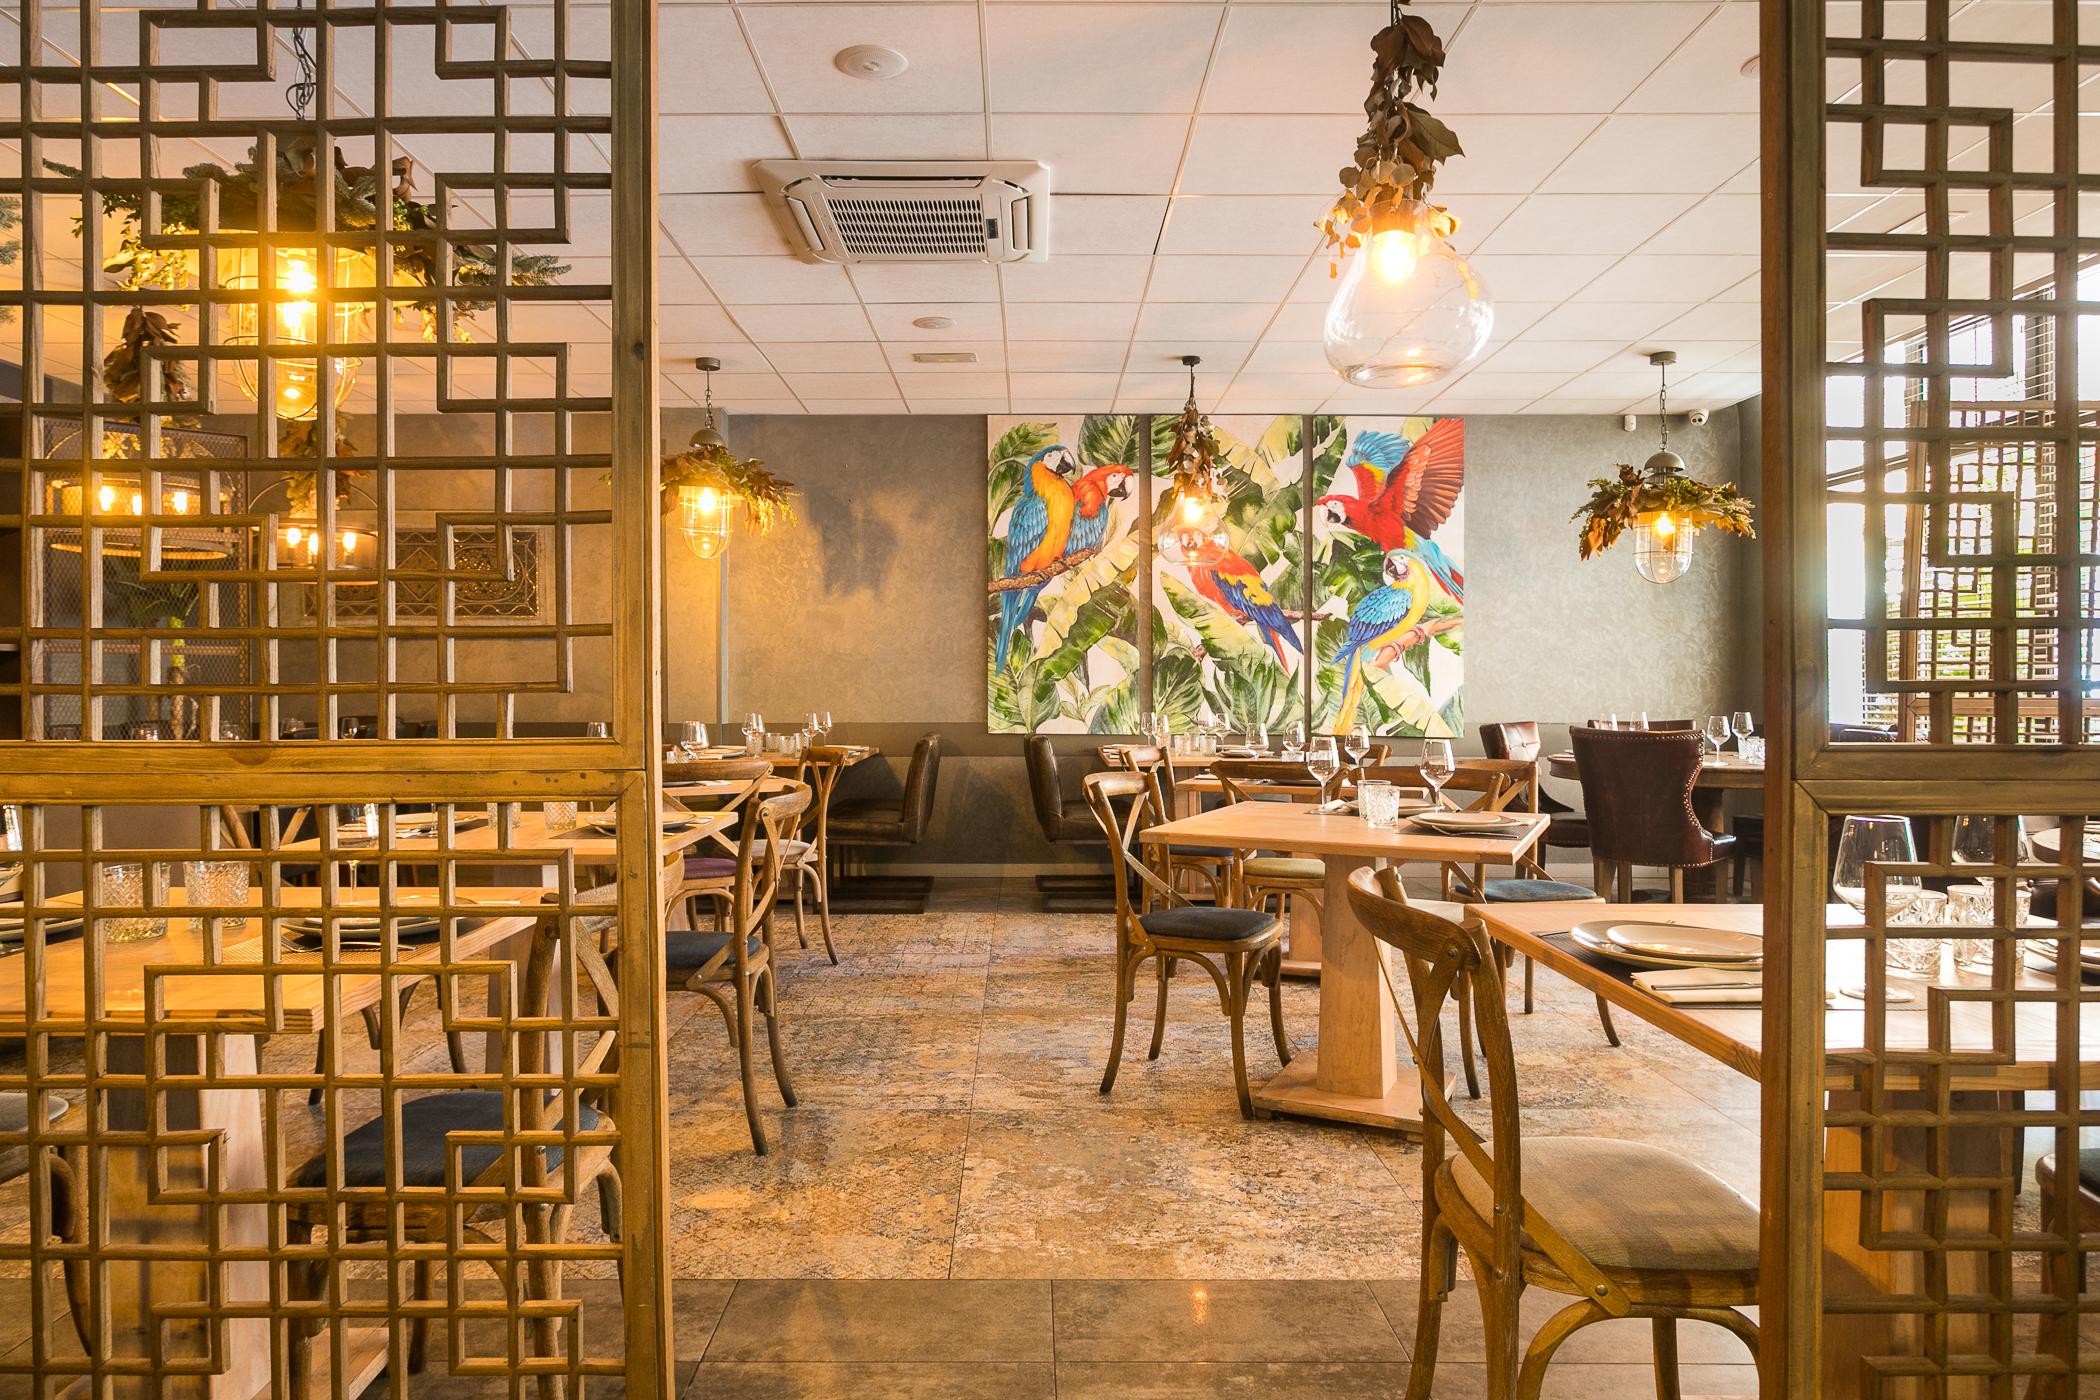 Restaurante El Laurel vical